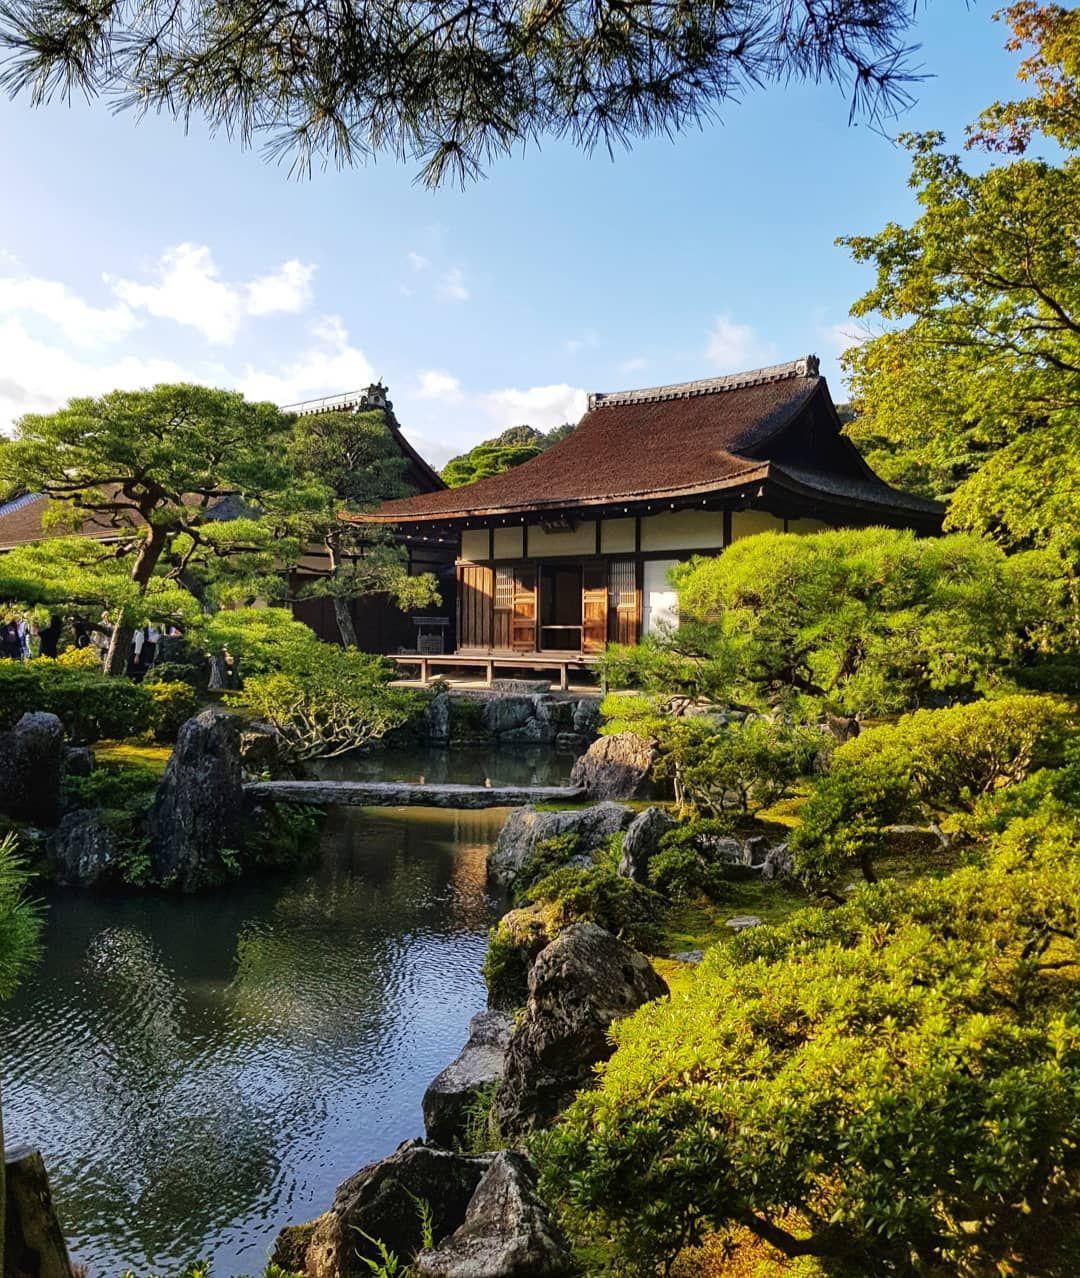 Kyoto – oder wie schön kann eine Stadt eigentlich sein? 😍 . . . . #50shadesofgreen #Kyoto #Ginkakuji #silverpavilion #togudo #zentemple #visitkyoto #explorekyoto #kyotophoto #kyotogram #japanischergarten #meinejapanreise #ilovejapan #japan #traveljapan #travelingjapan #japanvacation #discoverjapan #wanderlust #reiseblogger #reiselust #visitjapan #myjapan #japangram #vscotravel #passionpassport #onthegogo #gogotravels #reiselust #travelwriter